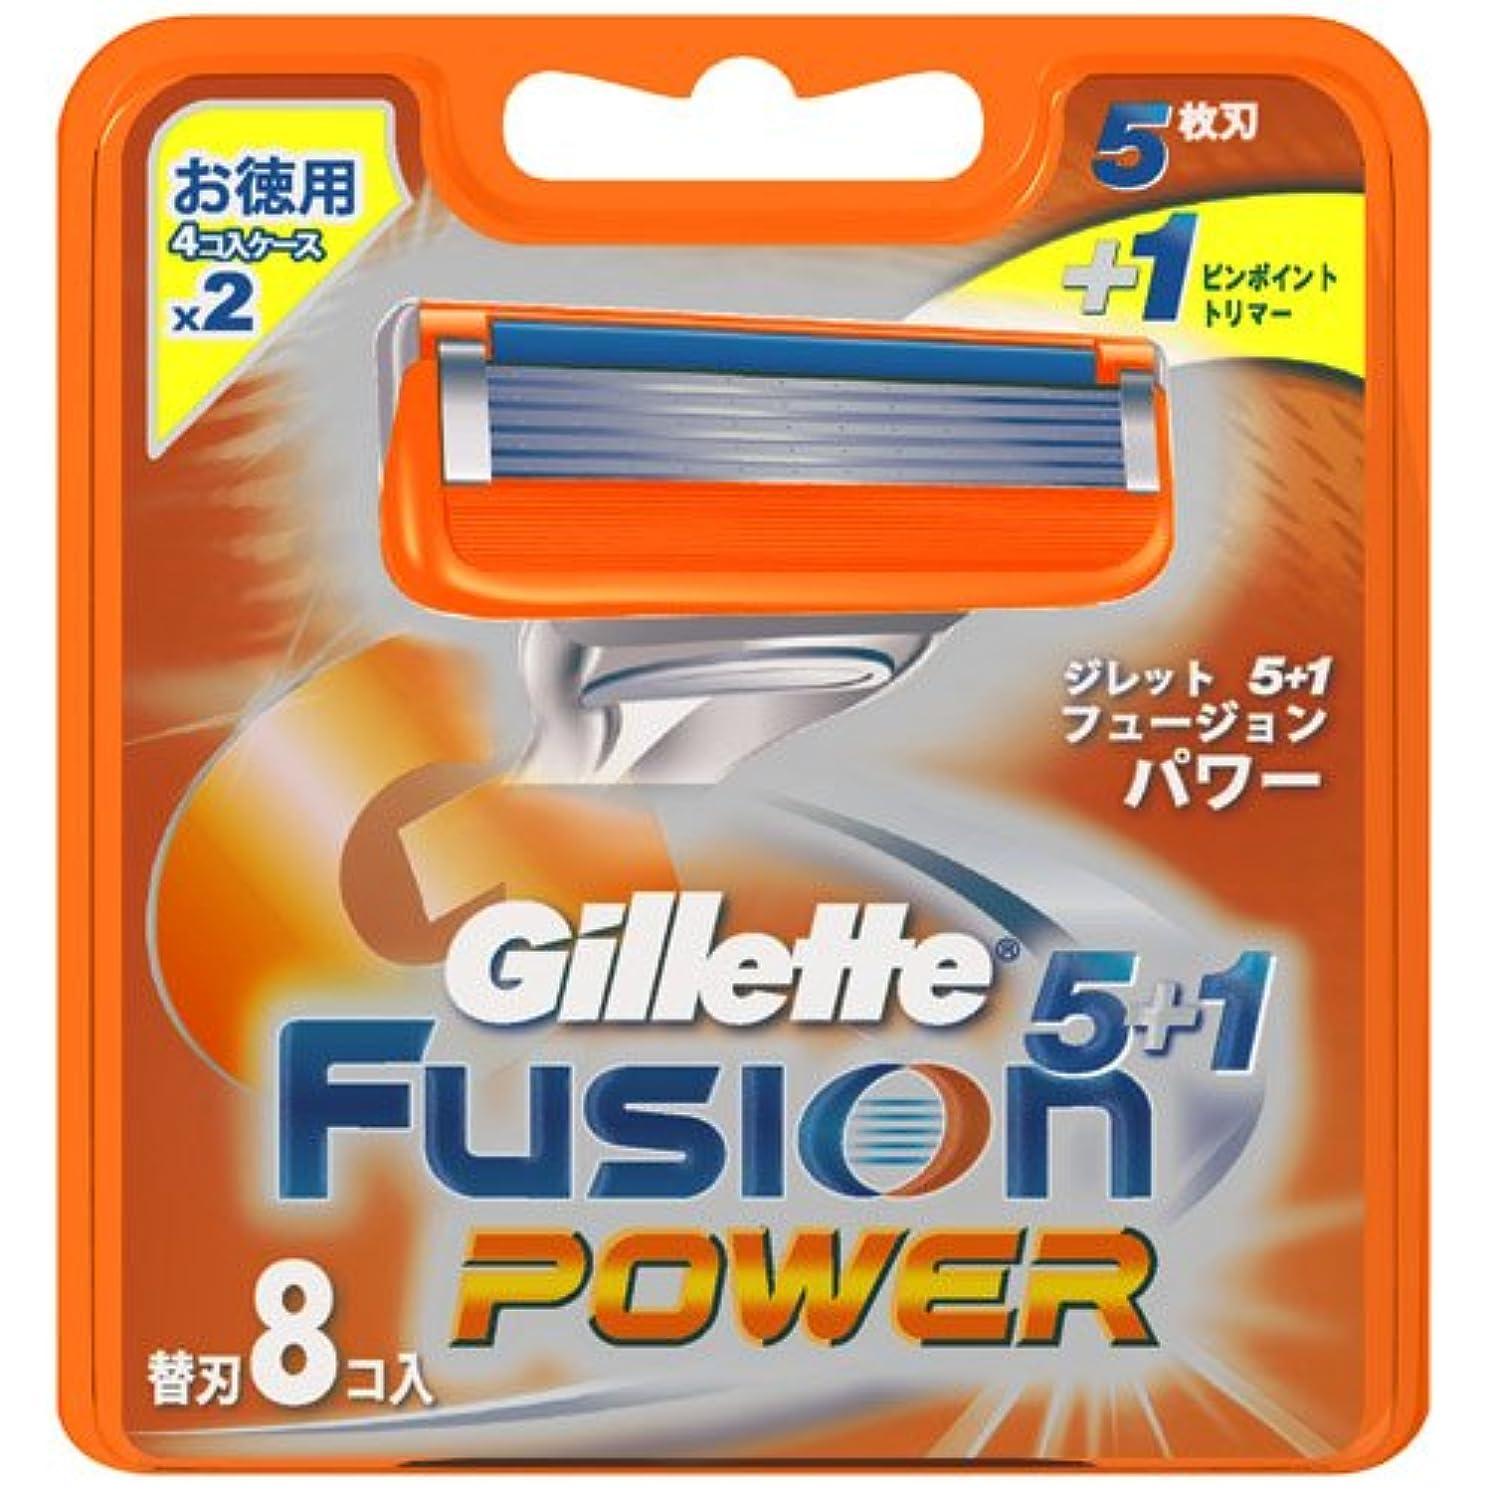 フリル朝重要性ジレット フュージョン5+1パワー 専用替刃 8B